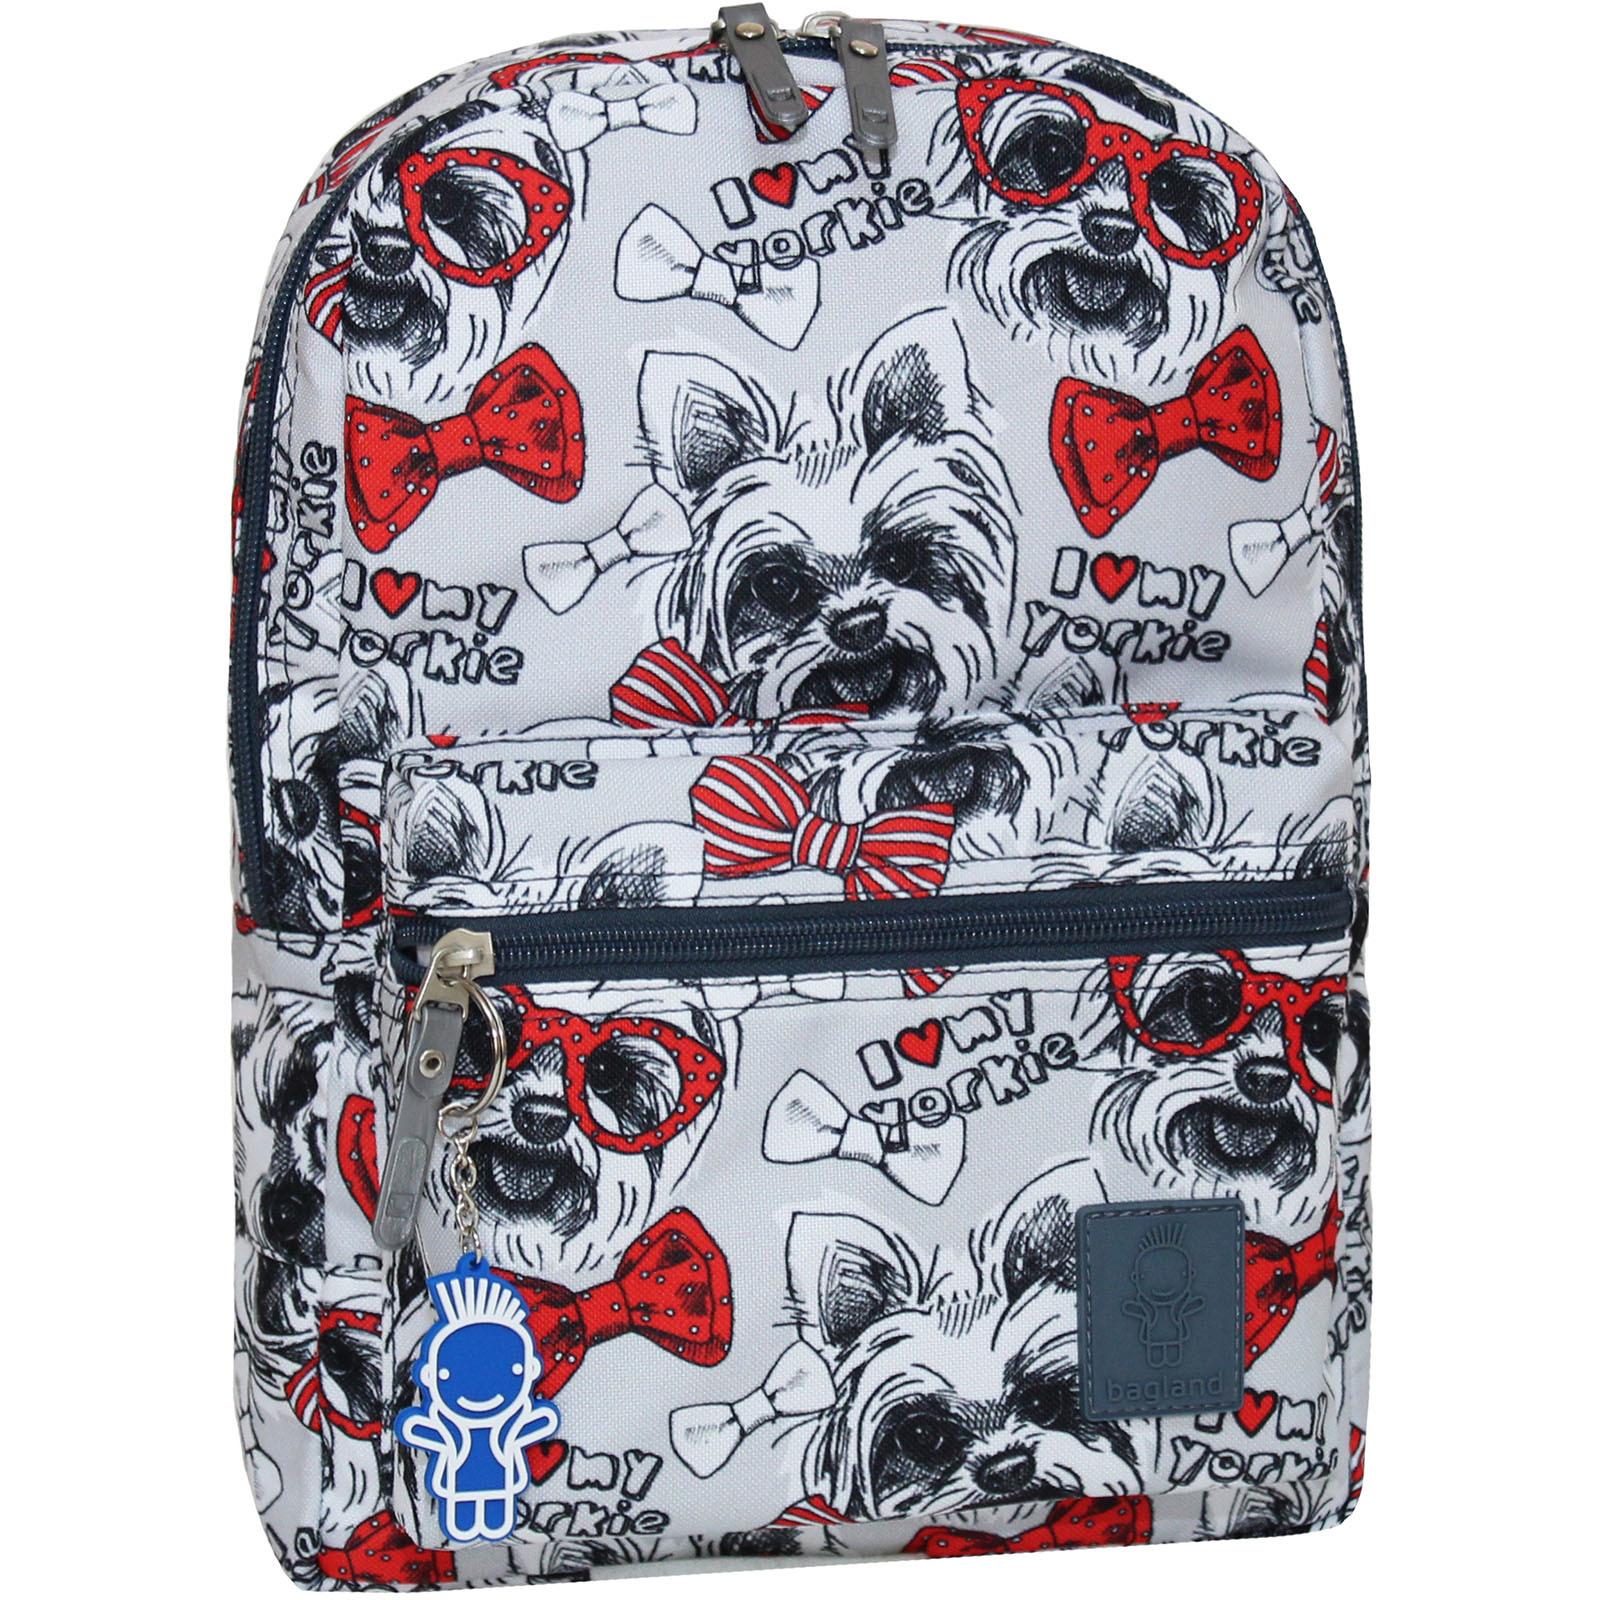 Детские рюкзаки Рюкзак Bagland Молодежный mini 8 л. сублимация 179 (00508664) IMG_9478.JPG